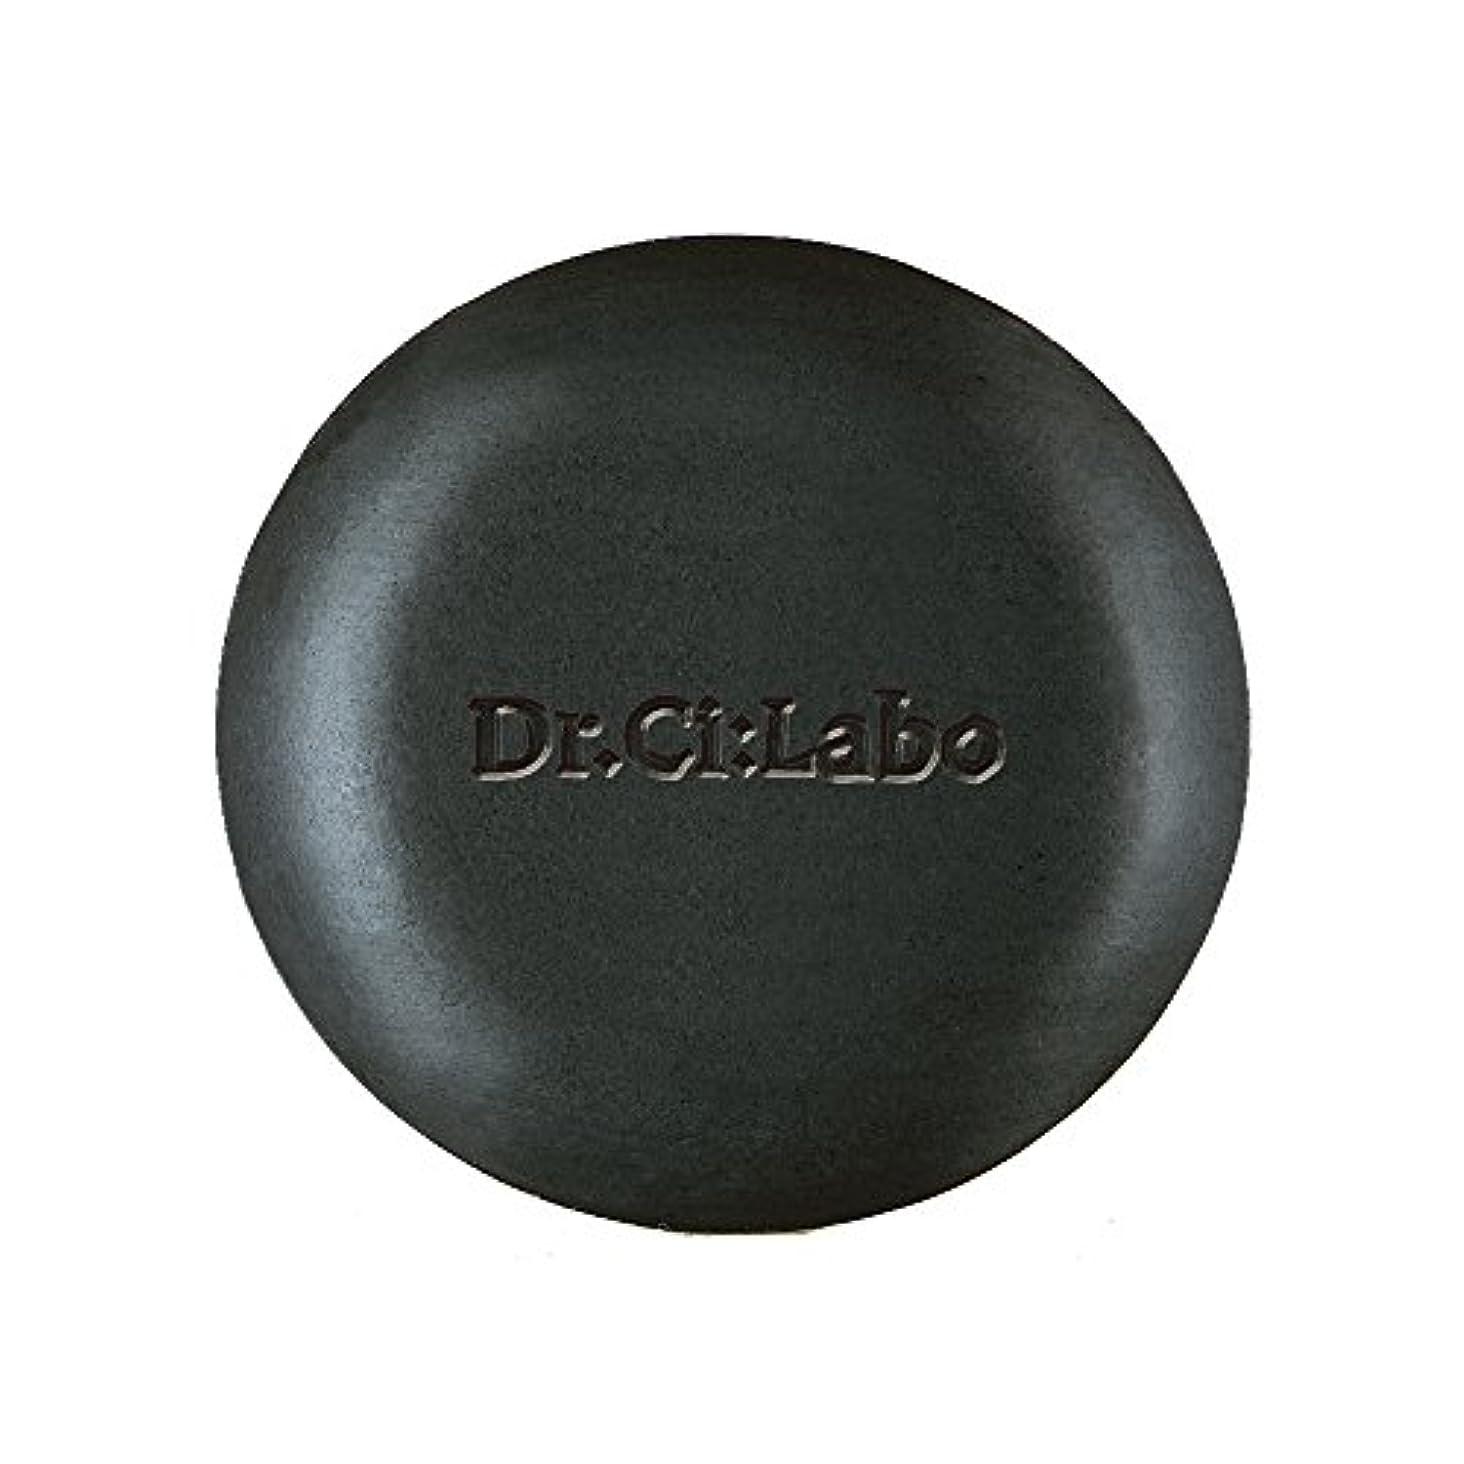 固有の価値音楽ドクターシーラボ 薬用アクネレスソープ ニキビ予防用 100g 洗顔せっけん [医薬部外品]